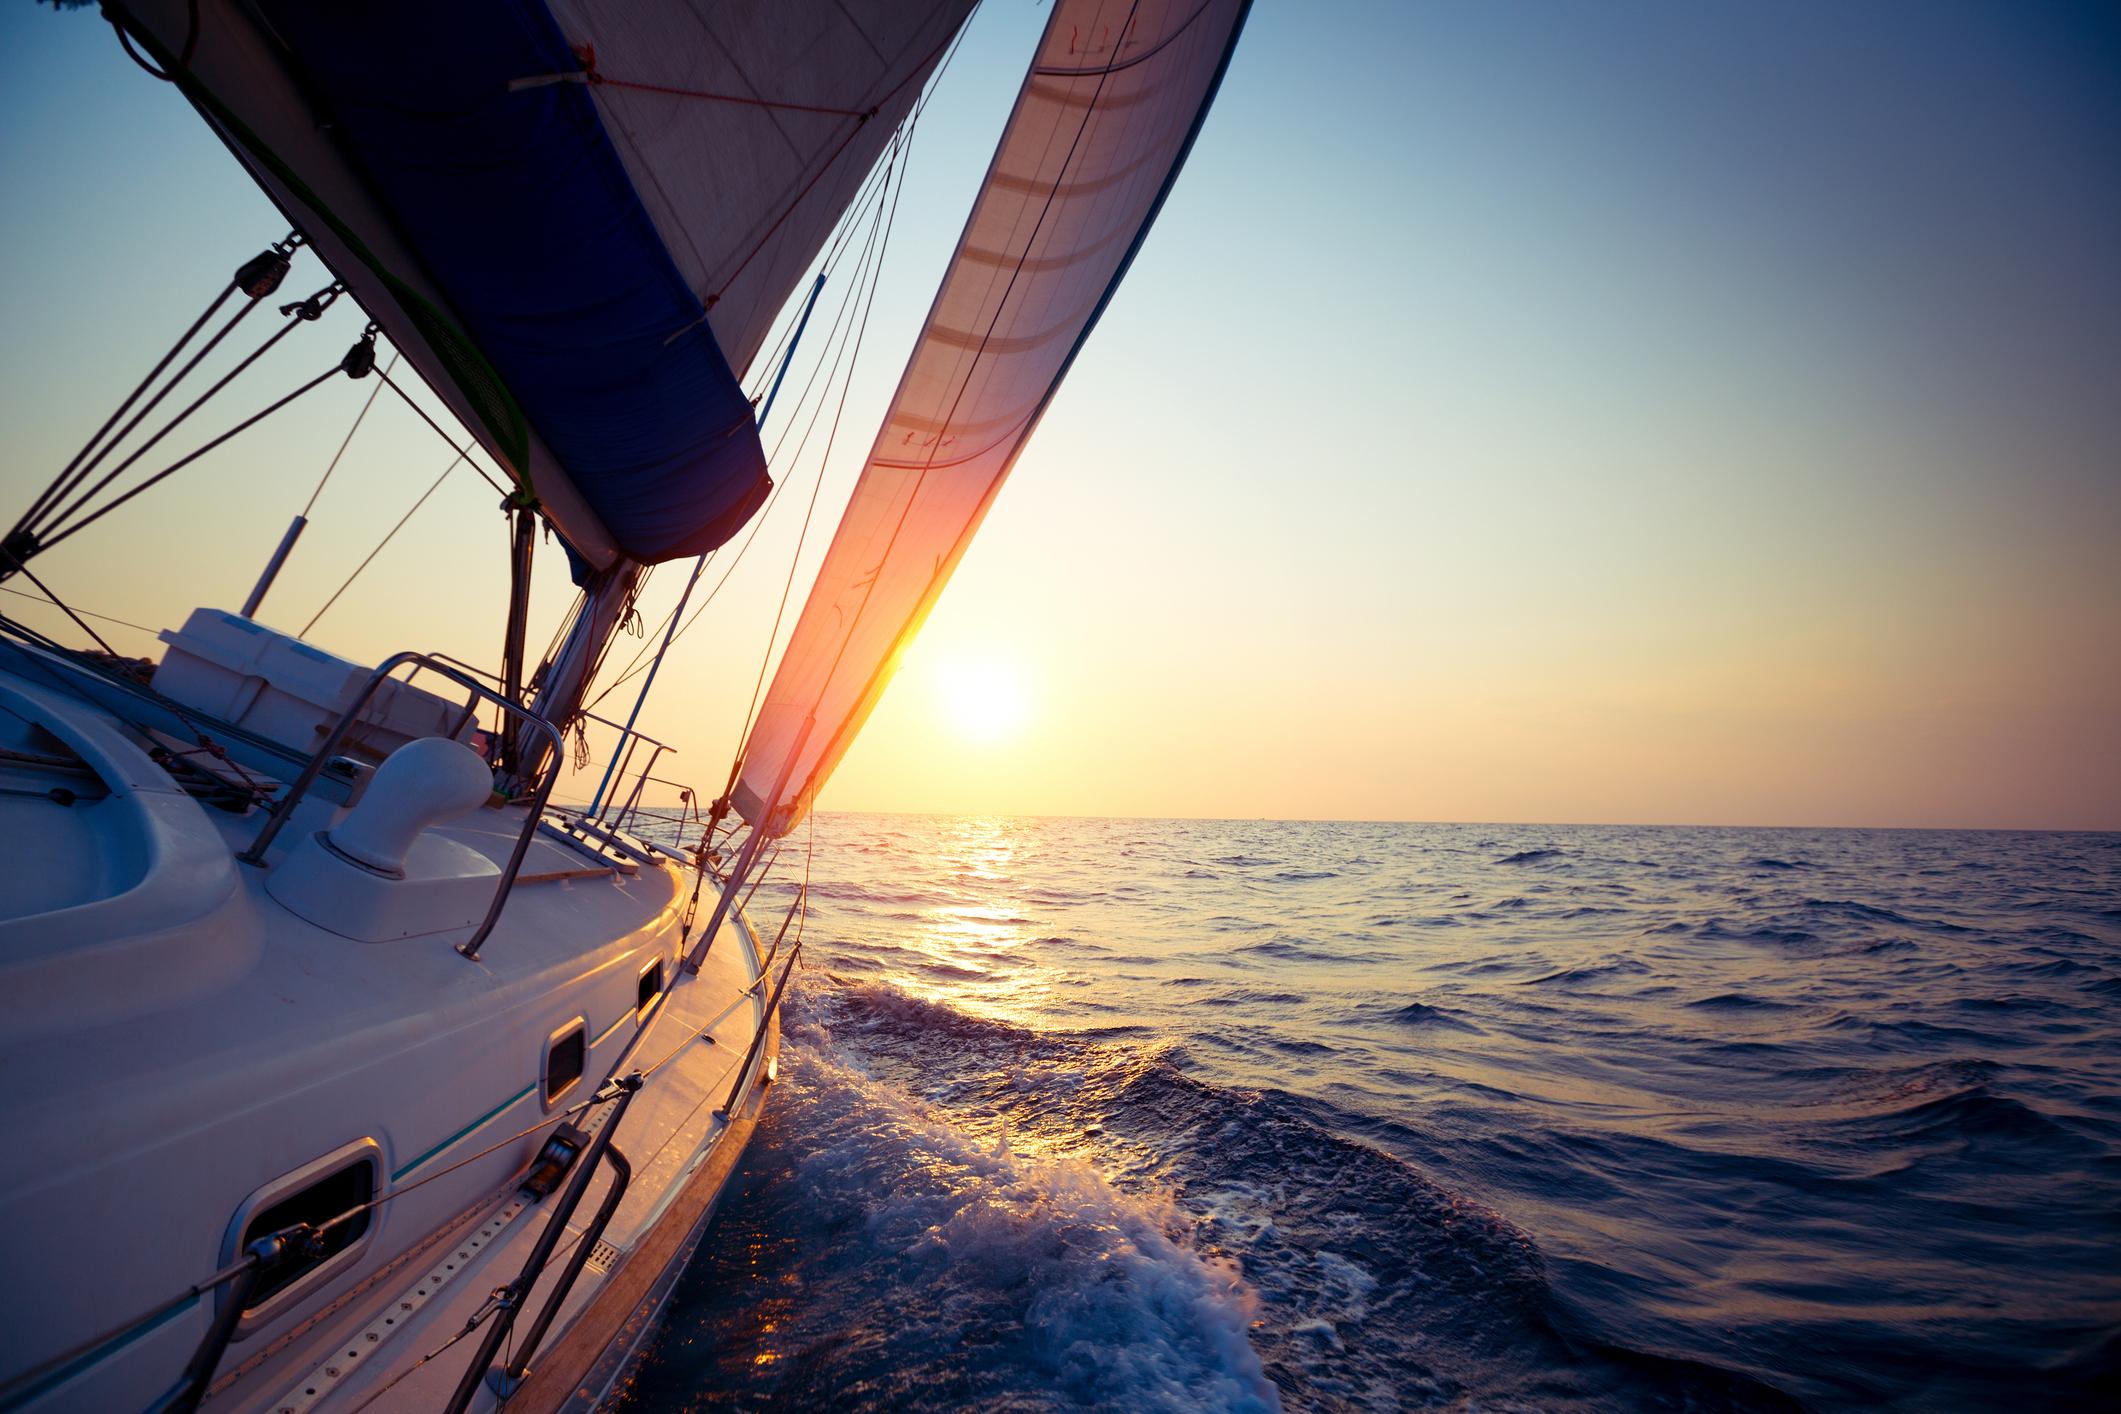 Yacht sailing on ocean